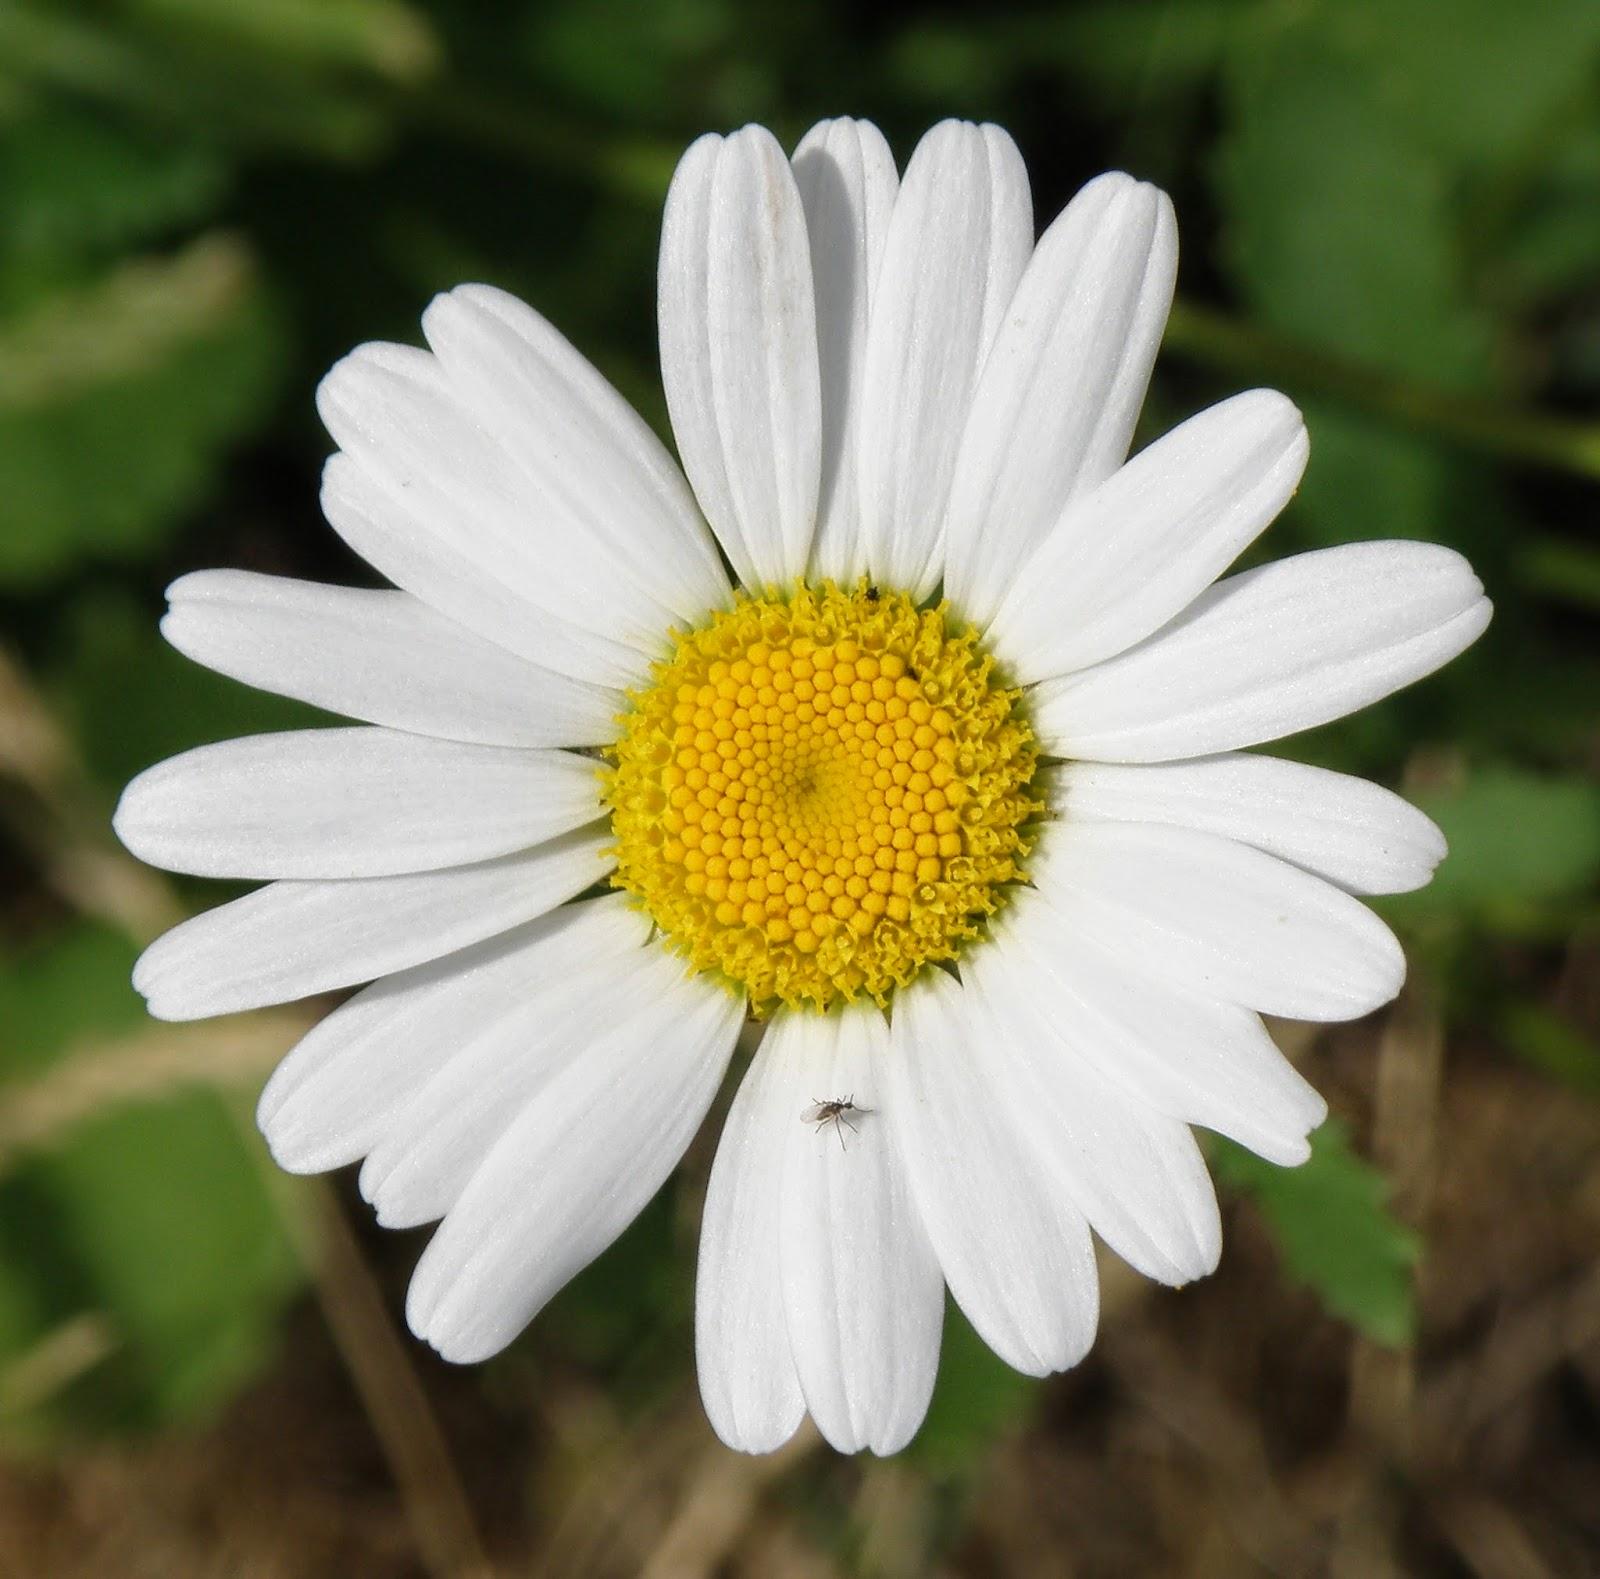 Matricaria otro remedio natural contra el dolor de cabeza